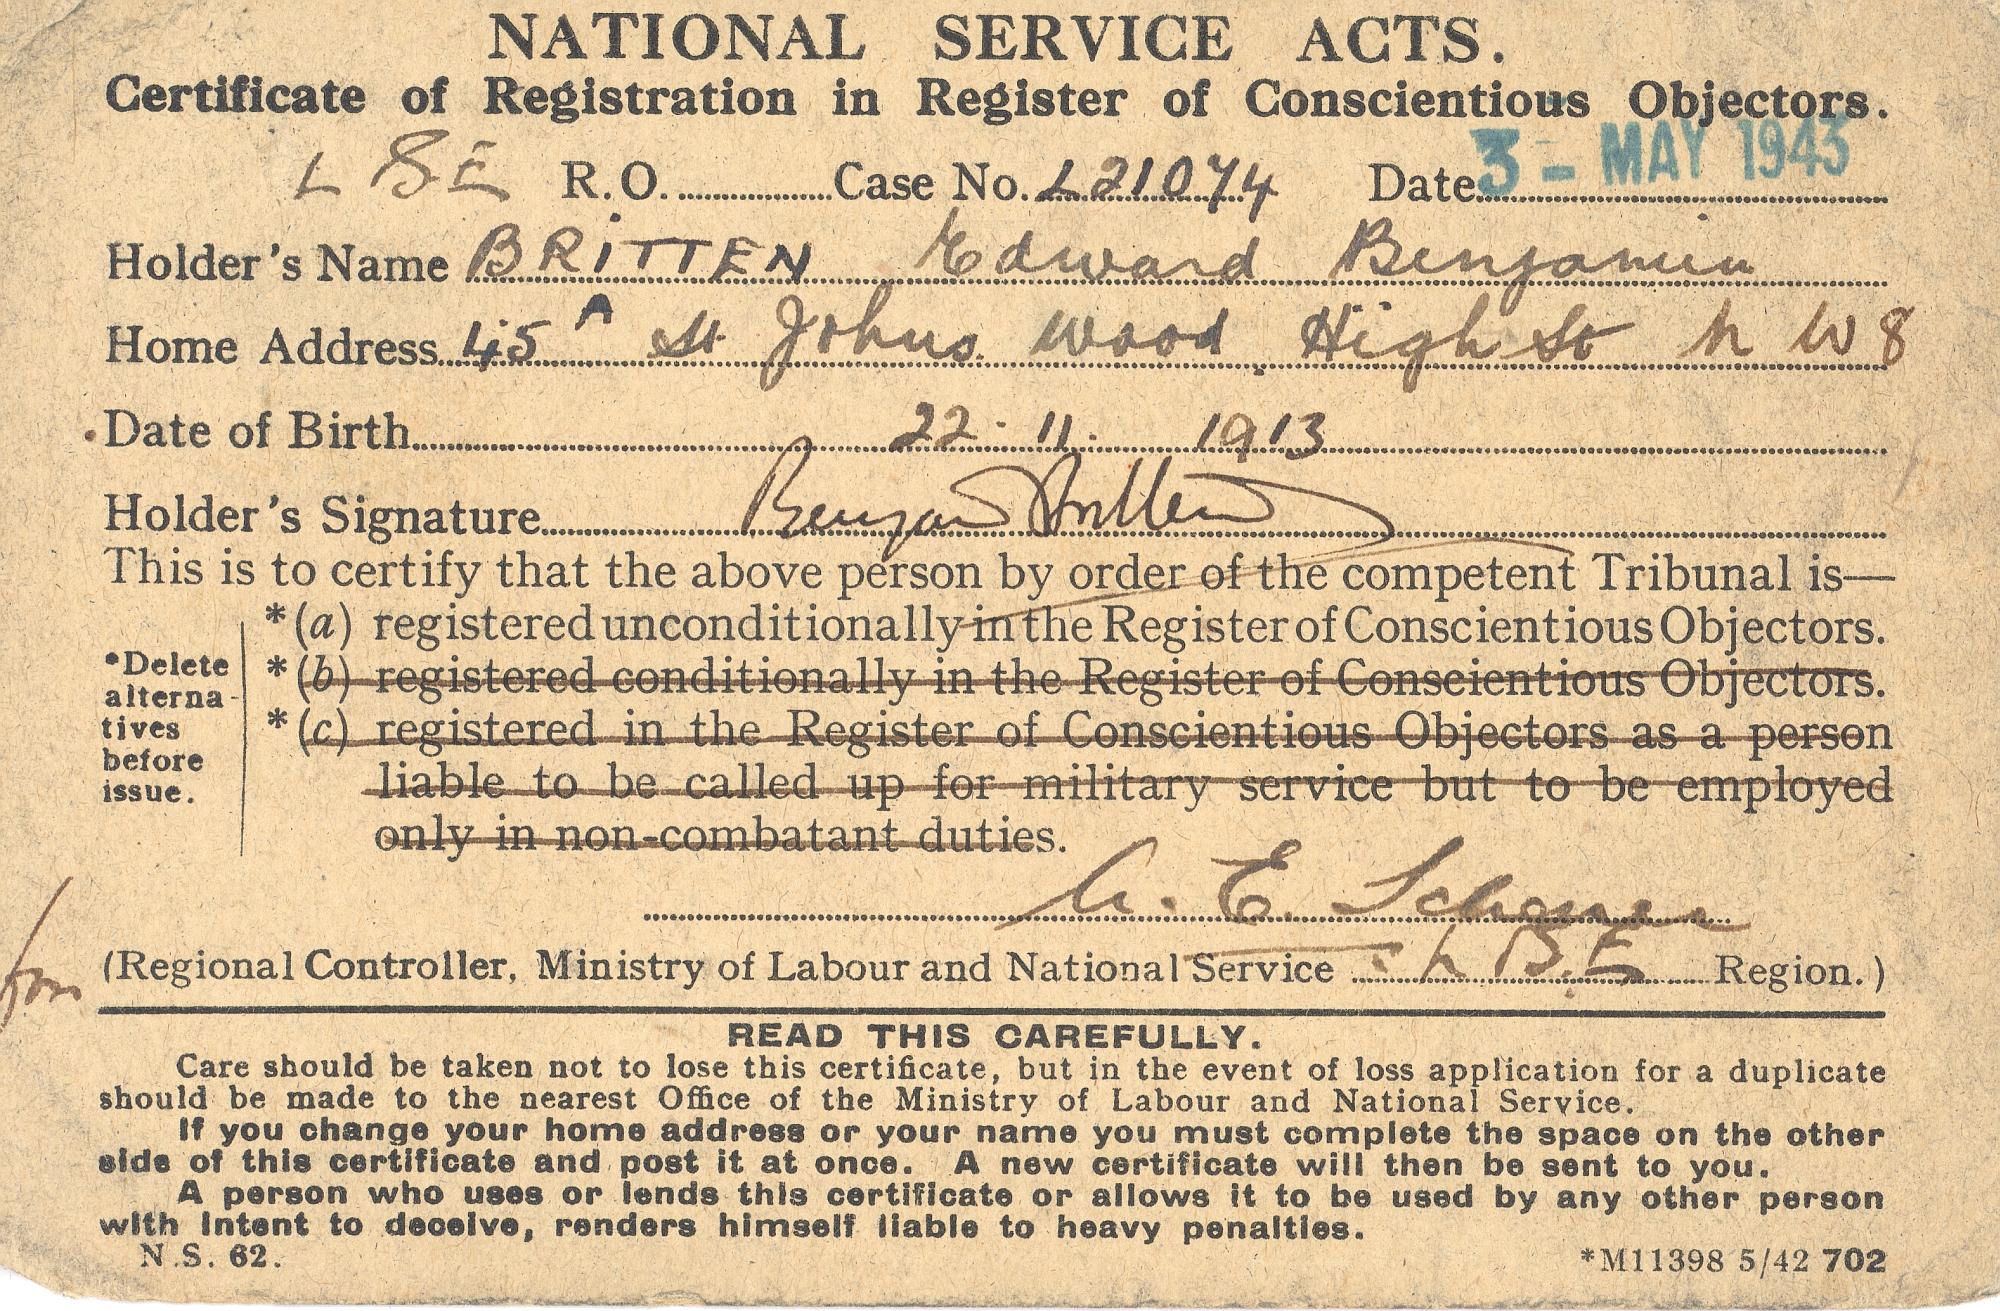 Benjamin Britten conscientious objector certificat